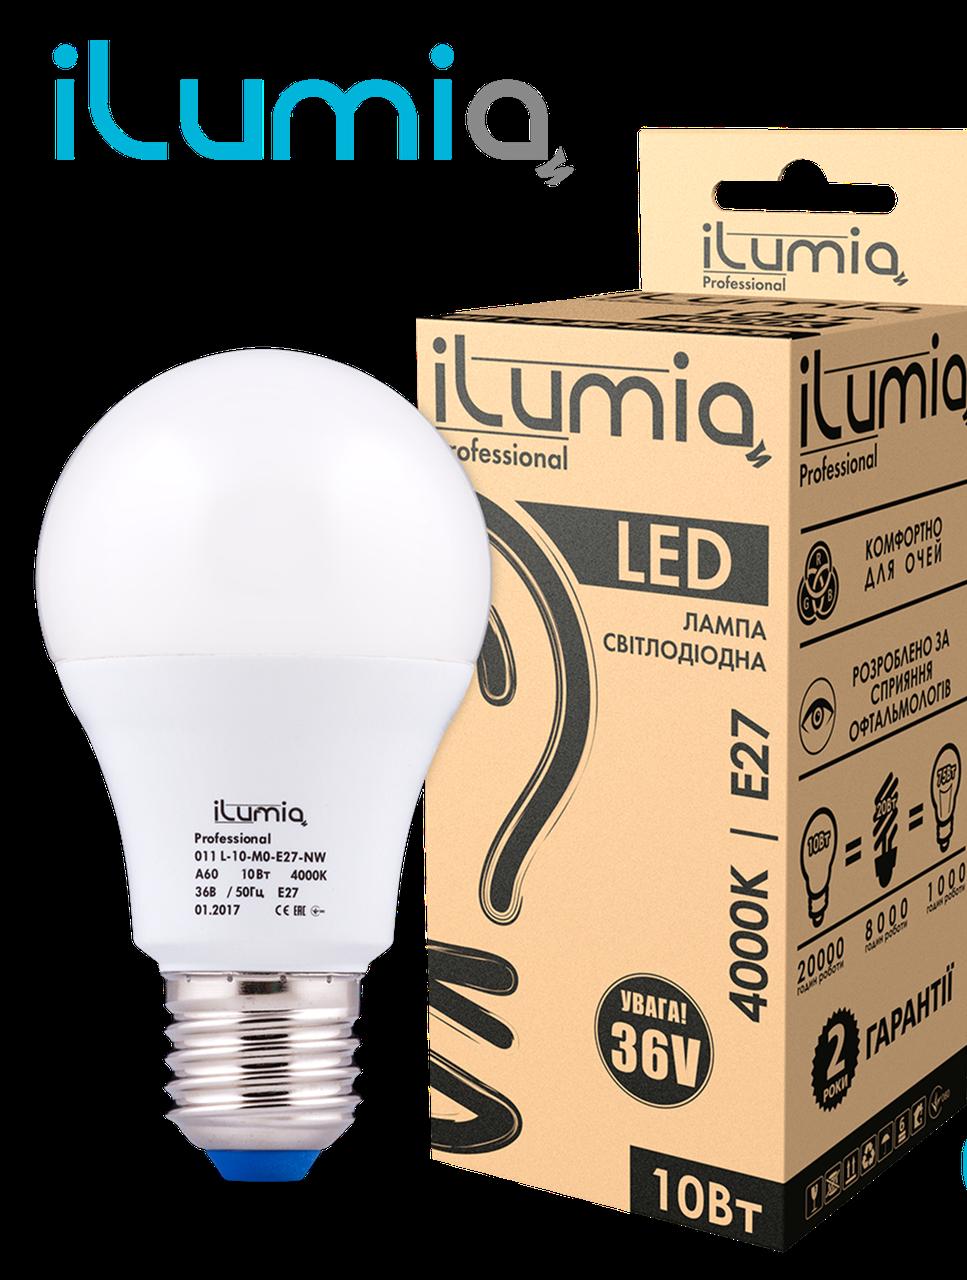 Светодиодная низковольтная лампа 10W 36V iLumia